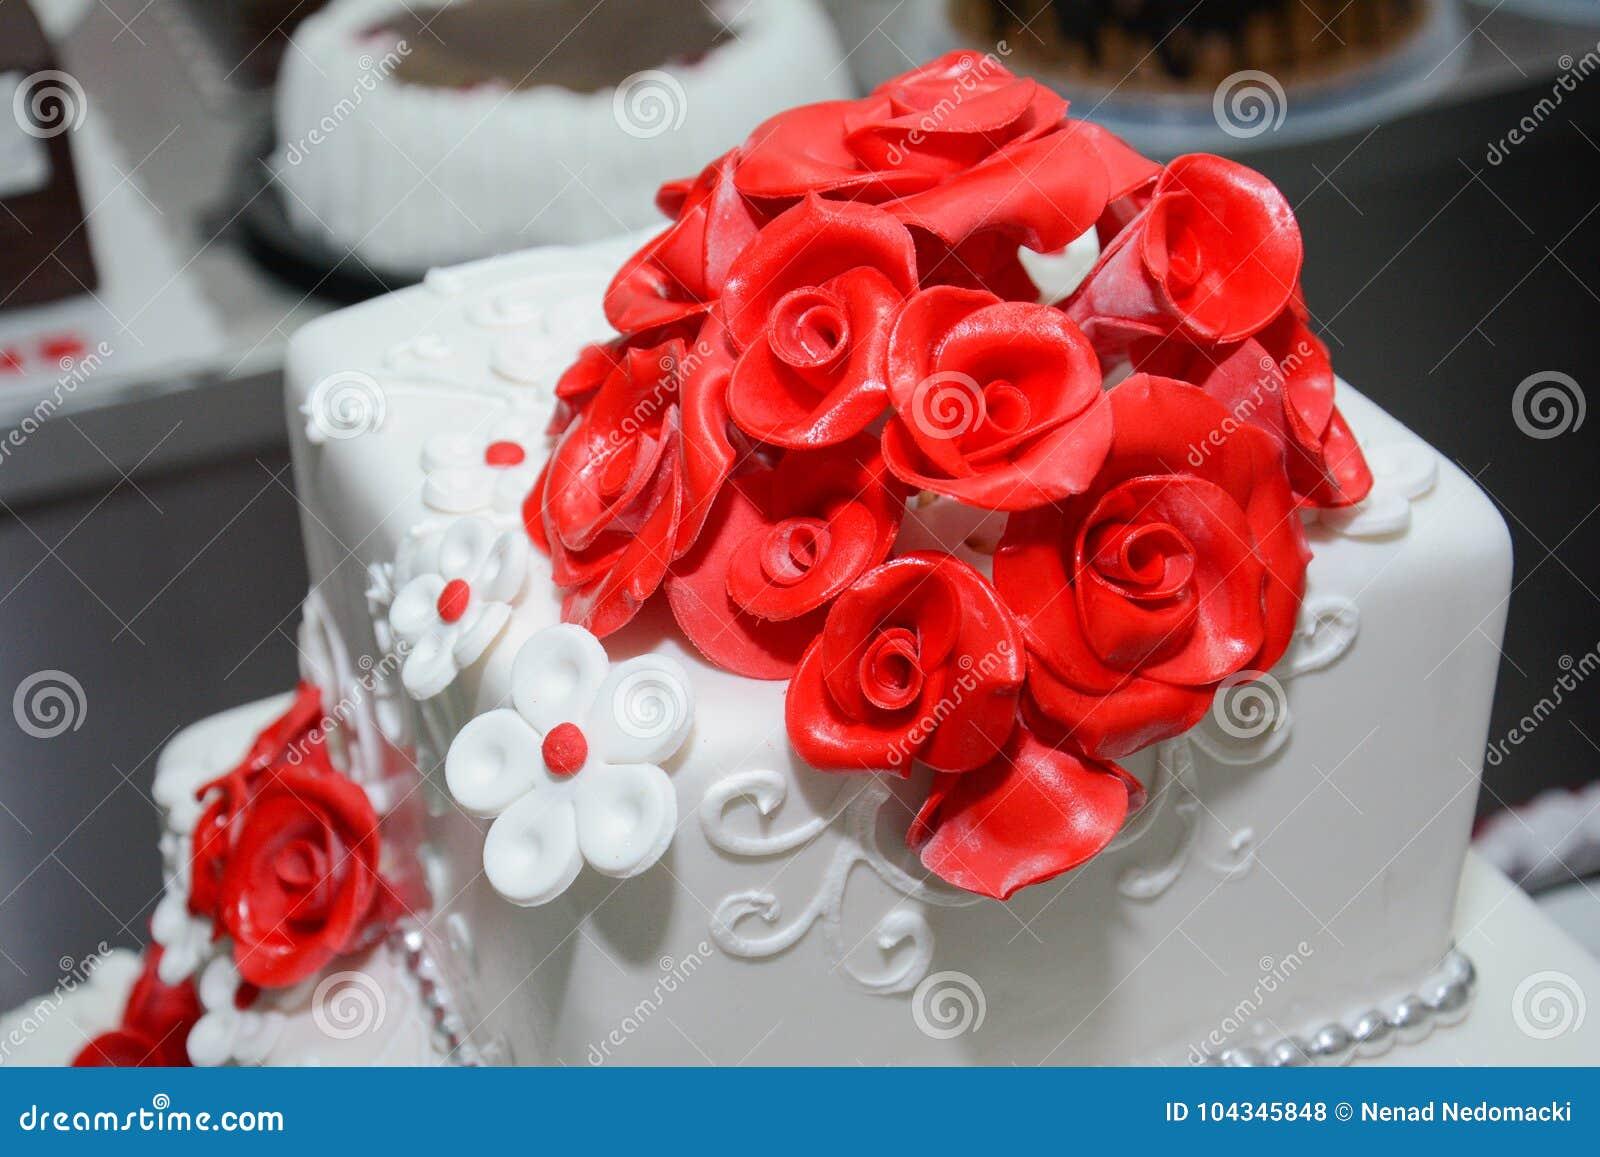 Rote Rosen Hochzeitstorte Whit Stockfoto Bild Von Blume Paare